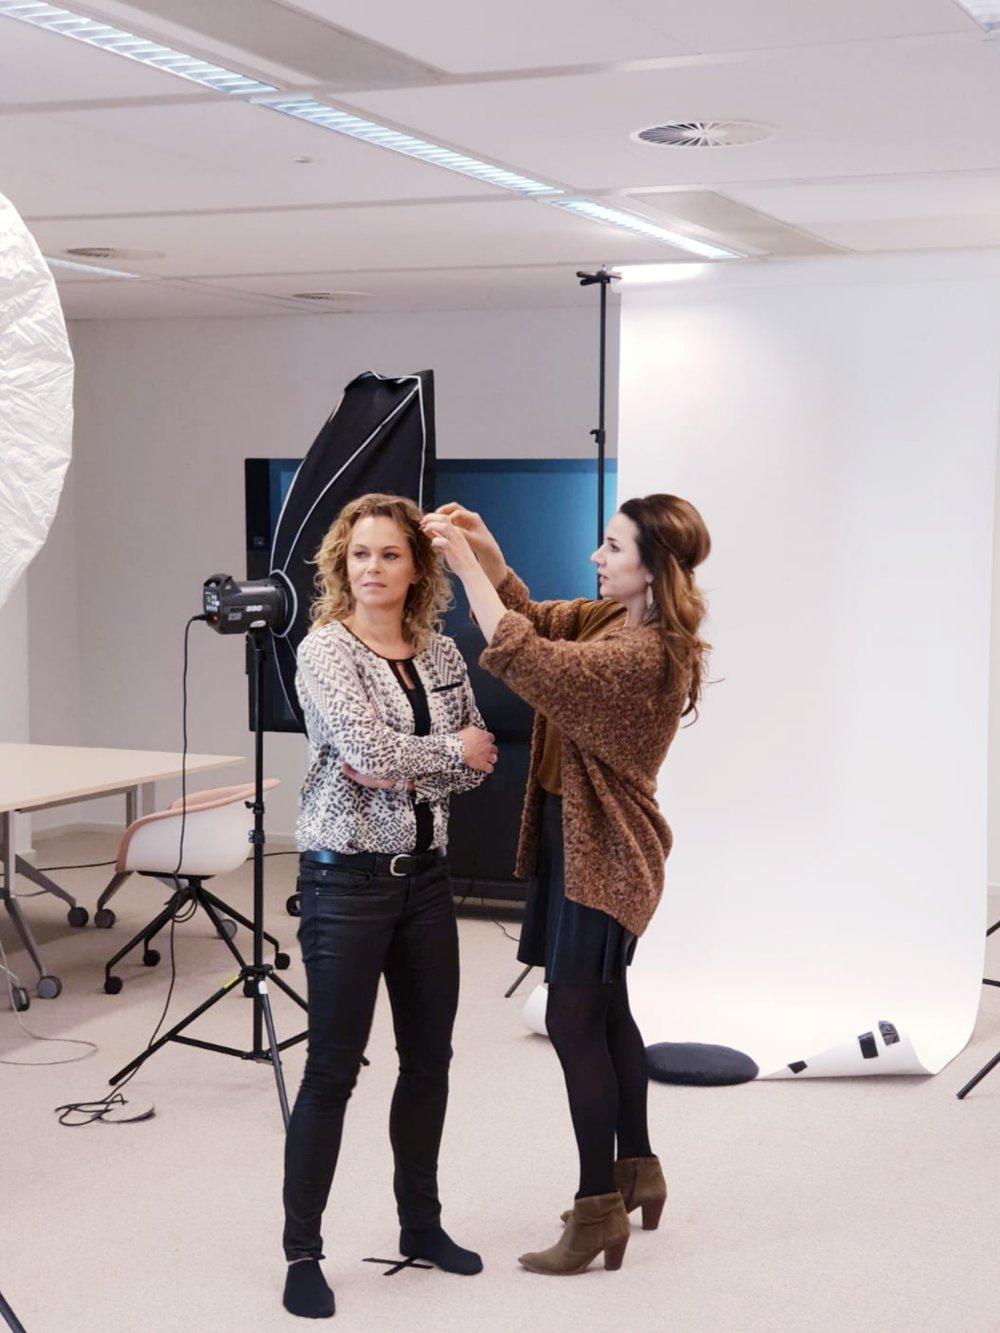 - Profielfoto's op locatie samen met Annemiek Wijsman